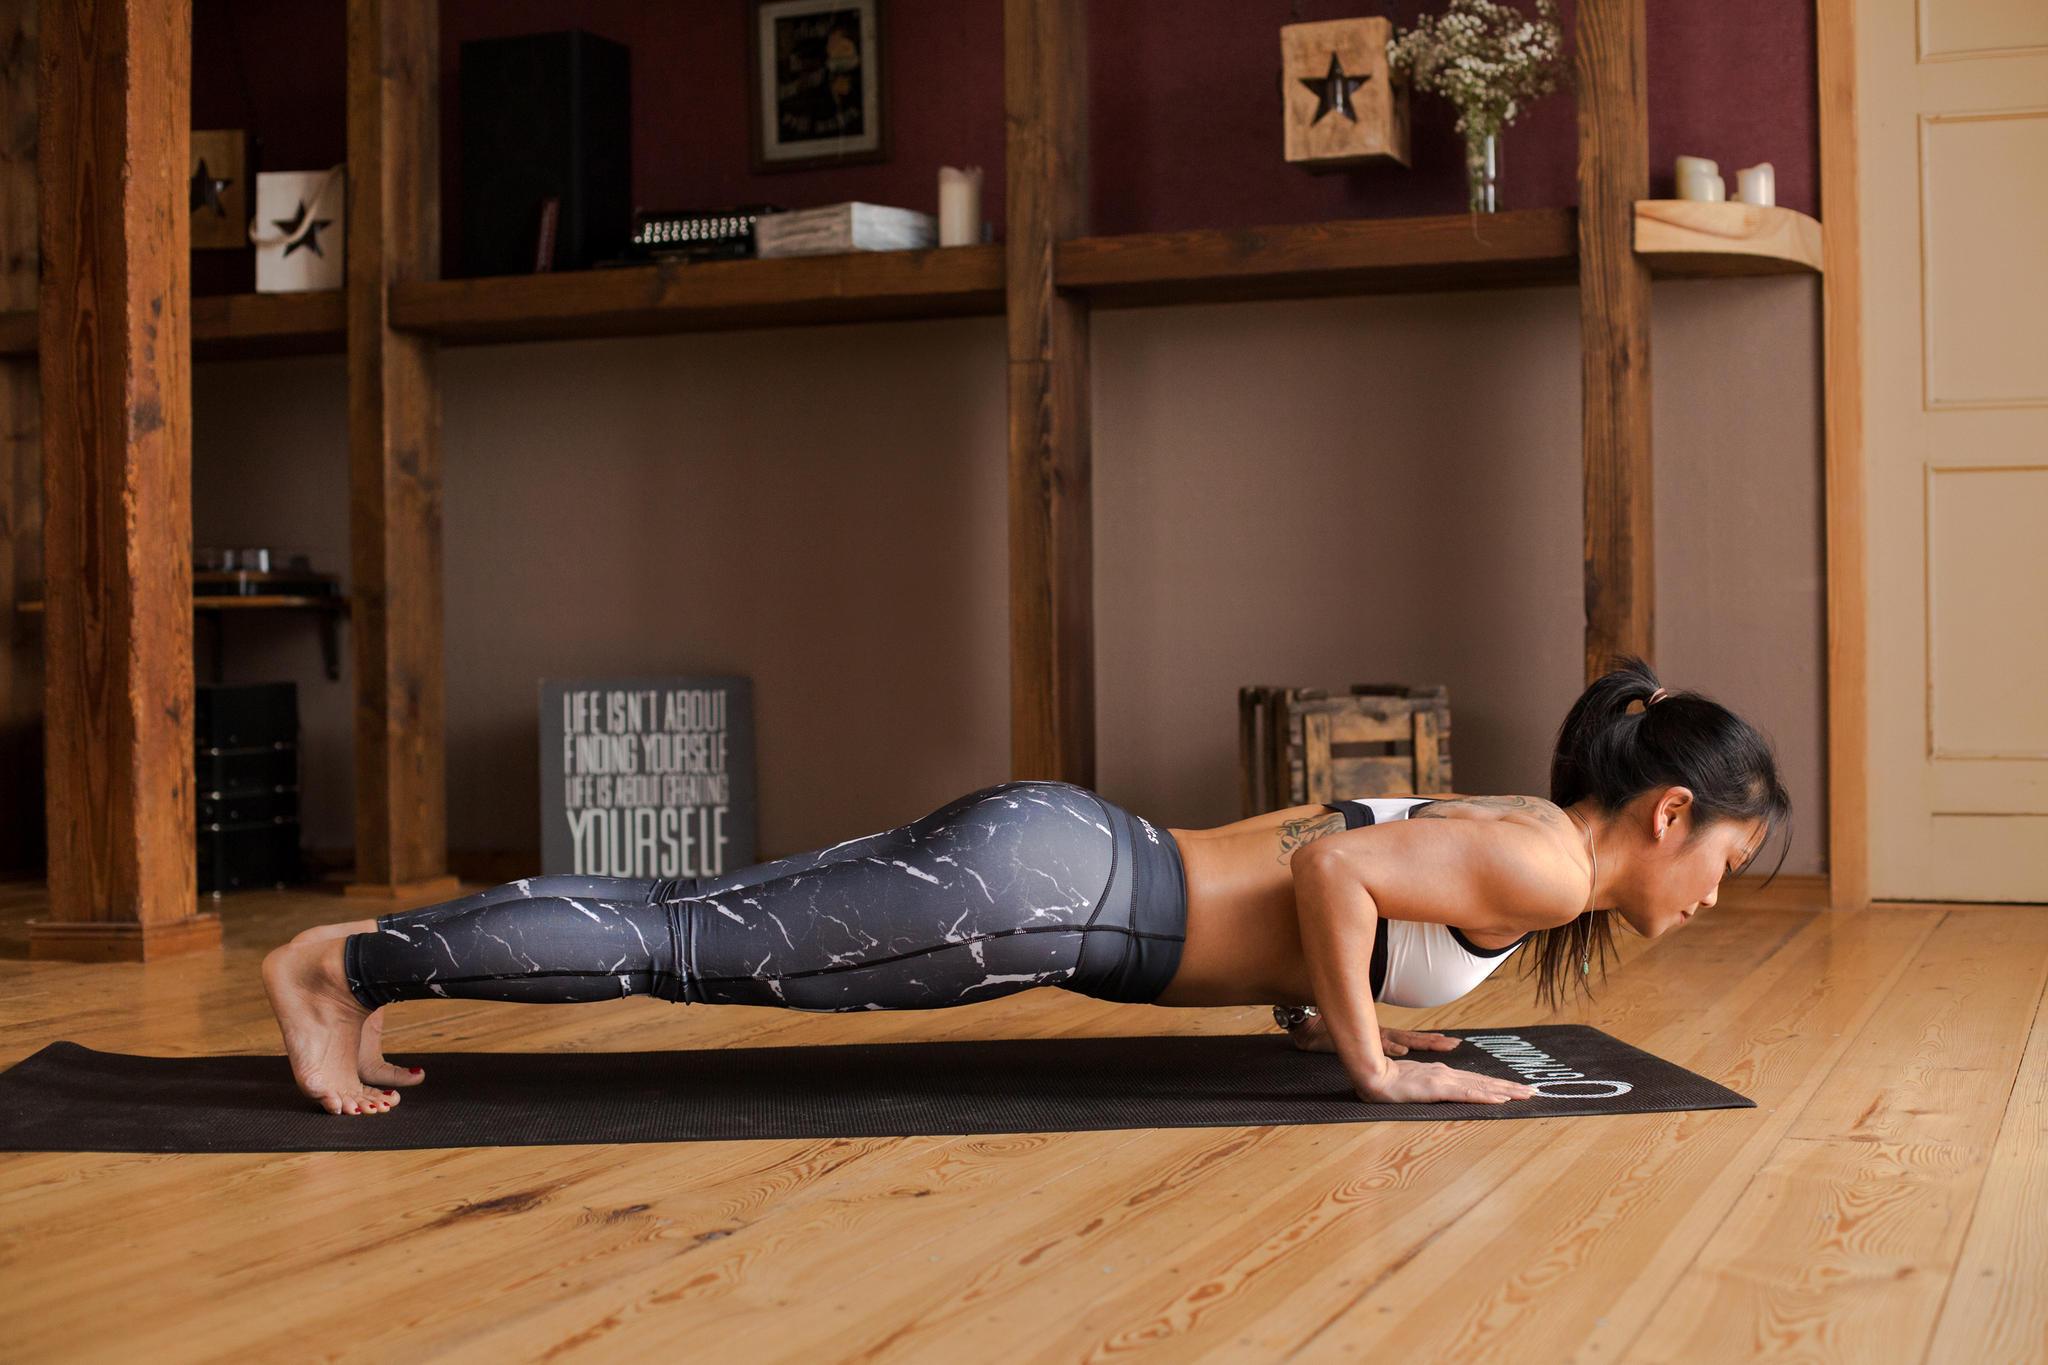 Beim Einatmen verlagerst du nun das Gewicht wieder nach vorne, senkst die Hüfte ab und bringst die Schultern über die Hände. Deine Arme bleiben dabei gestreckt. Mit aktiver Spannung der Bauch- und Rückenmuskulatur richtest du den gesamten Körper in einer geraden Linie aus. Fehlt dir noch die Kraft, diese Position sicher und stabil zu halten, kannst du die Intensität verringern, indem du die Knie absetzt.